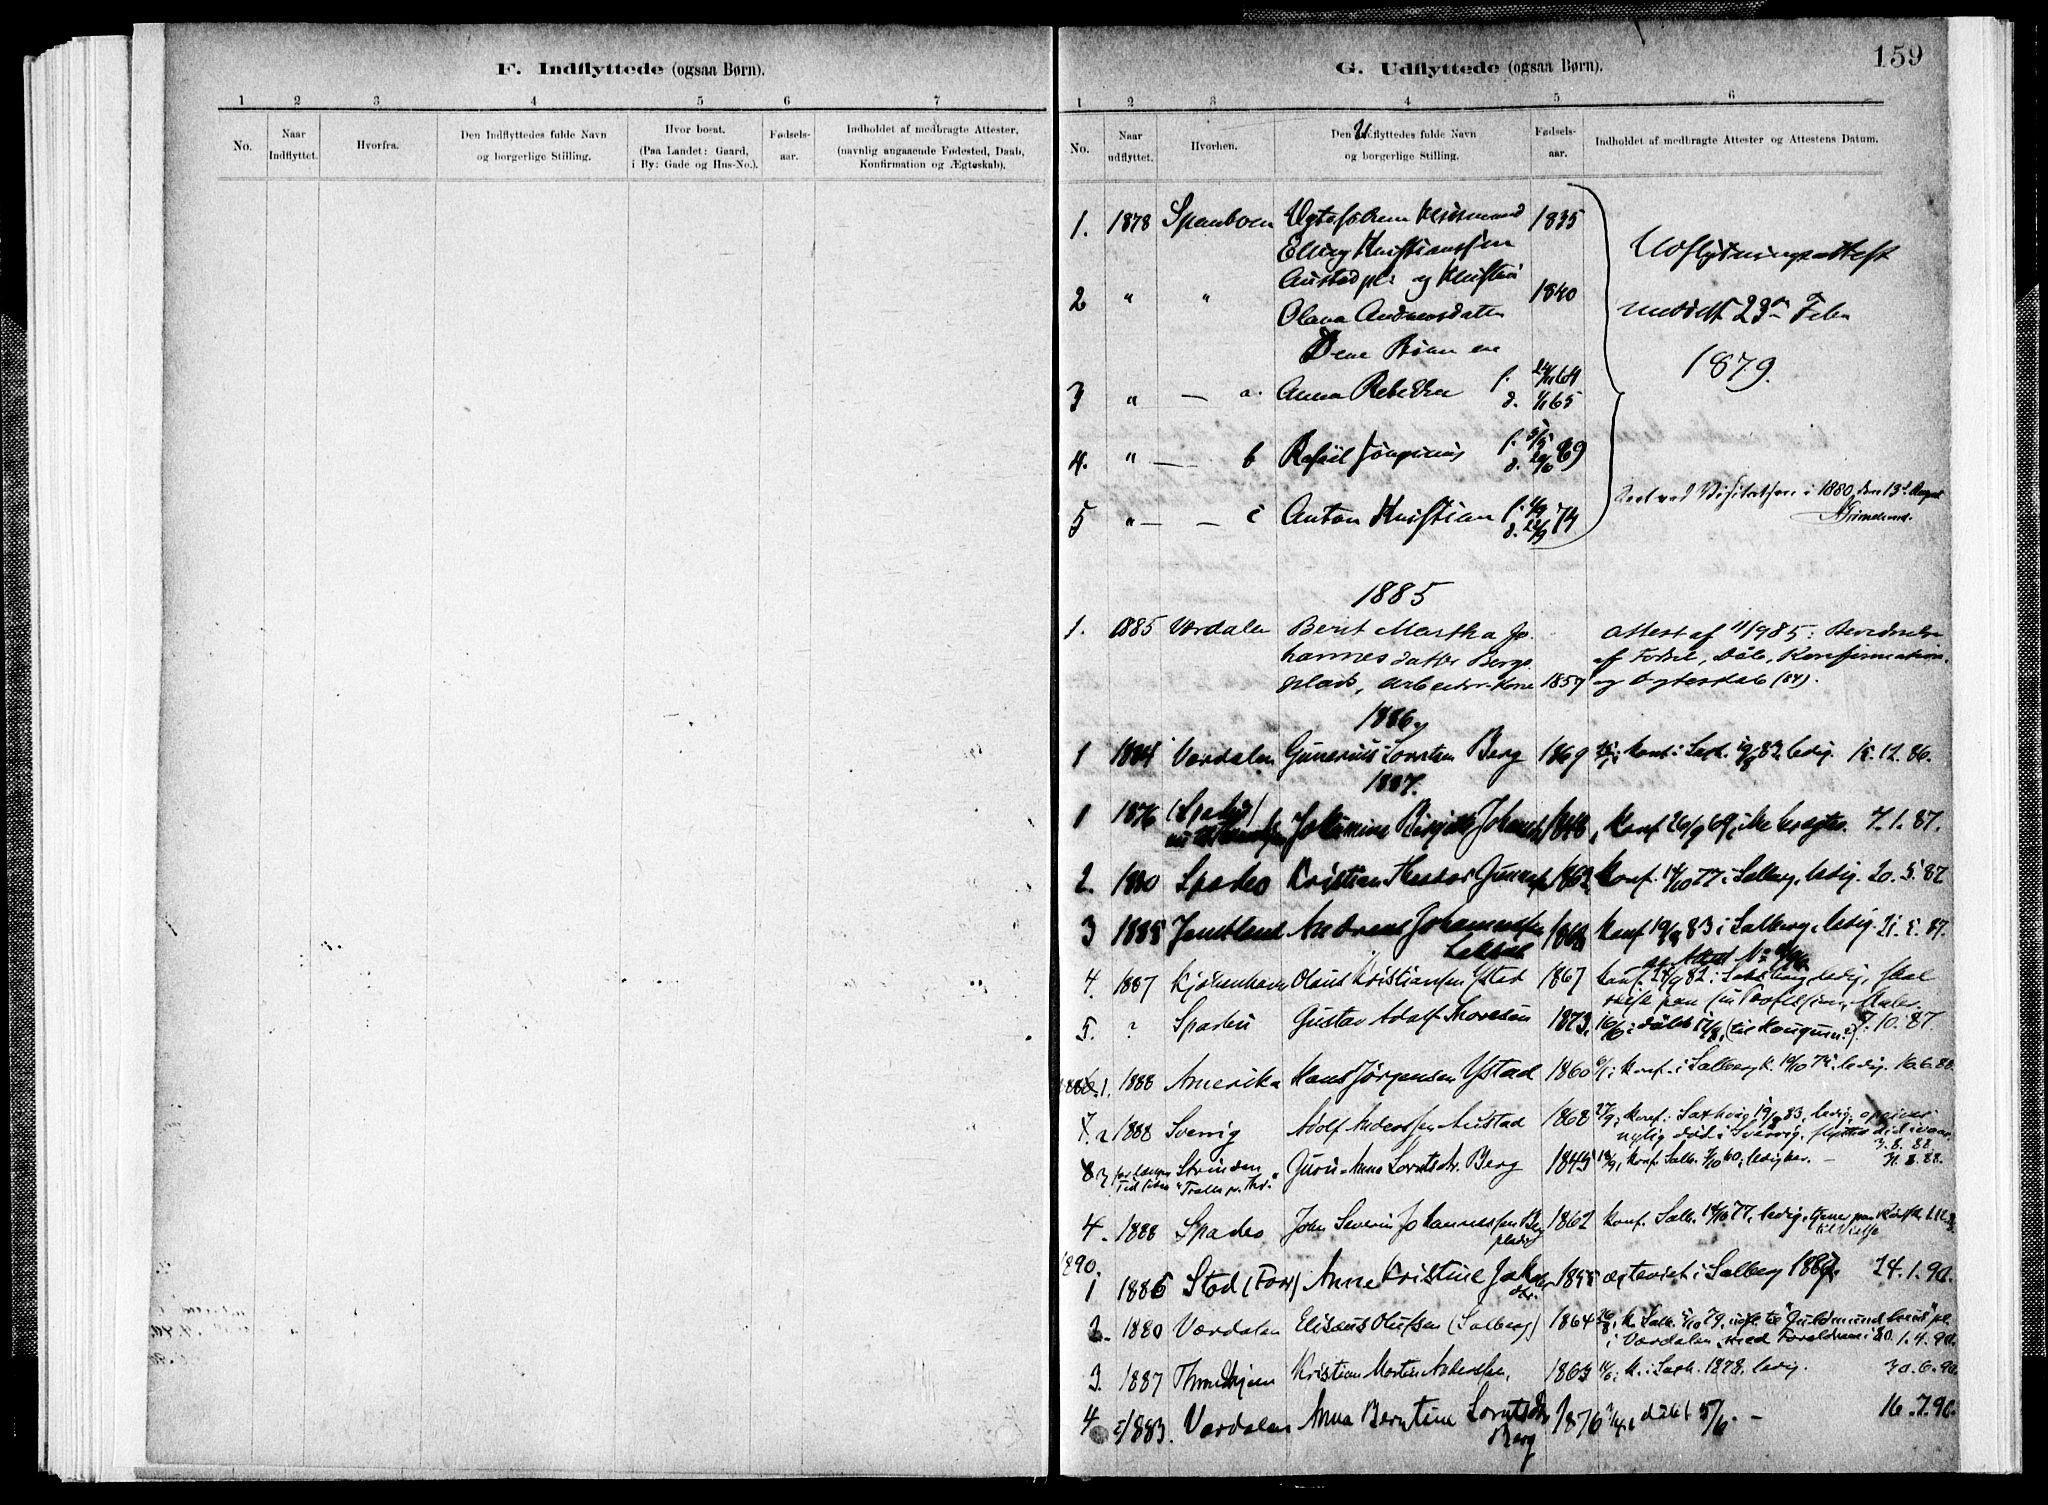 SAT, Ministerialprotokoller, klokkerbøker og fødselsregistre - Nord-Trøndelag, 731/L0309: Parish register (official) no. 731A01, 1879-1918, p. 159